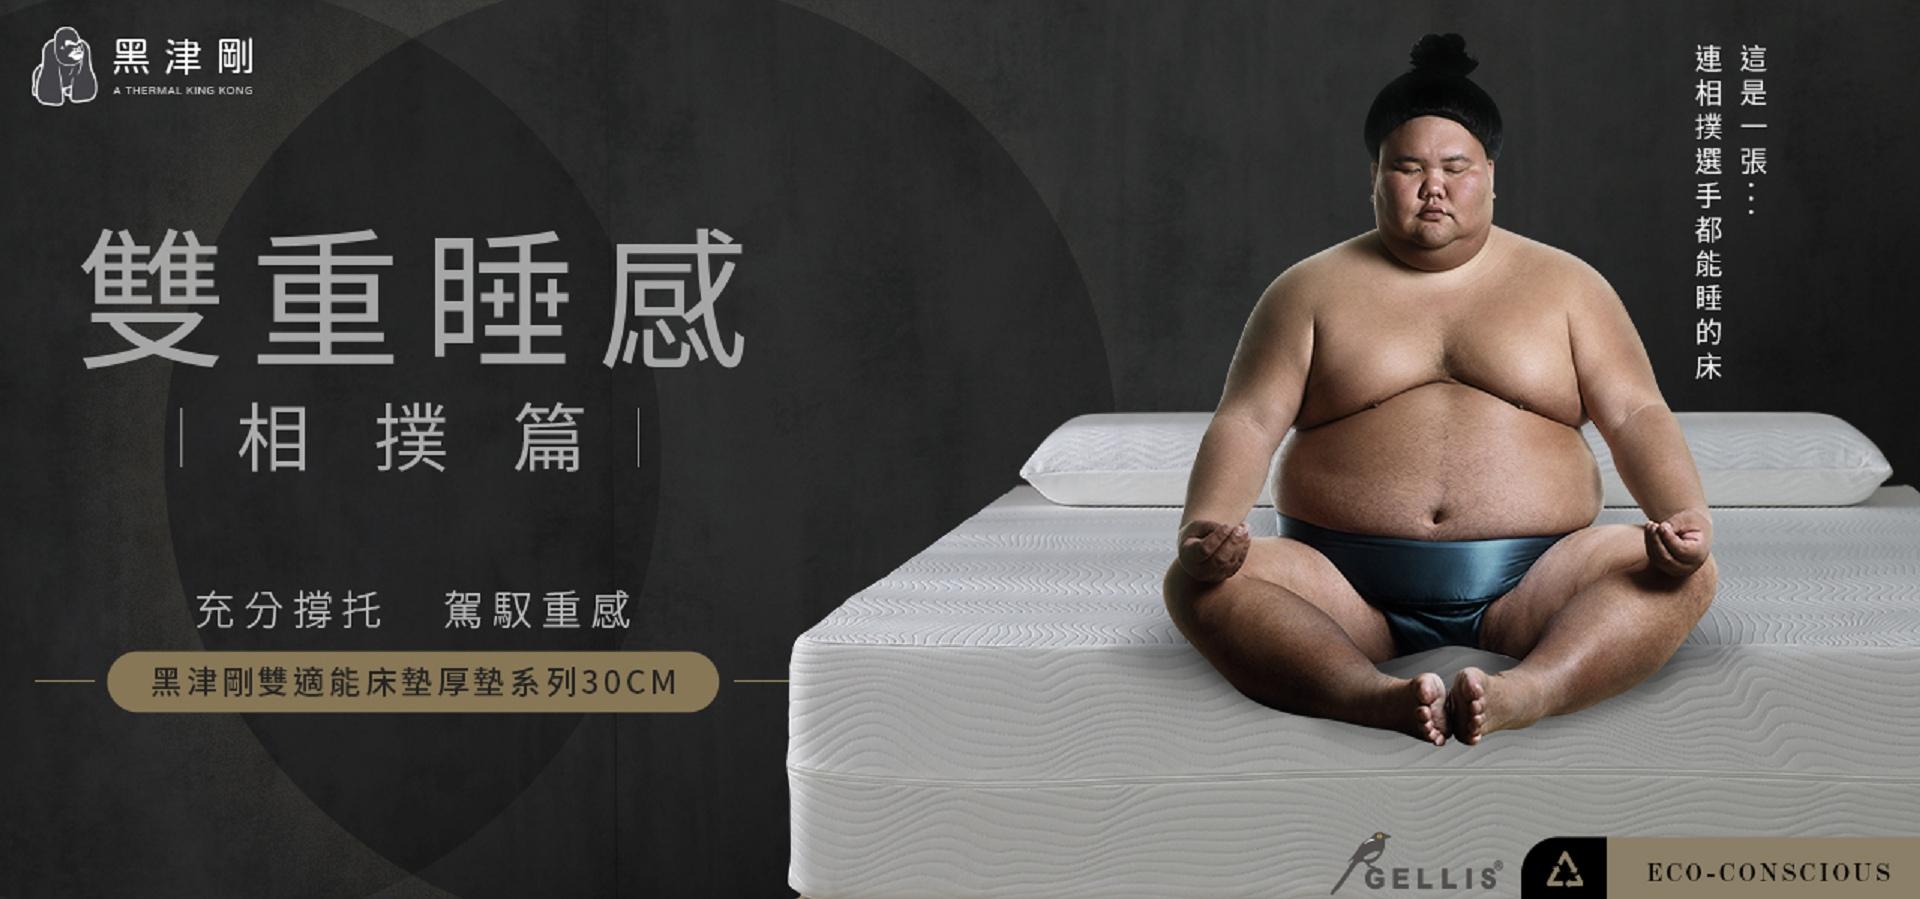 鵲利仕GELLIS, 黑津剛雙適能床墊系列, 石墨烯, 雙適能, 床墊, 雙重睡感,北歐風格, 台灣製造,